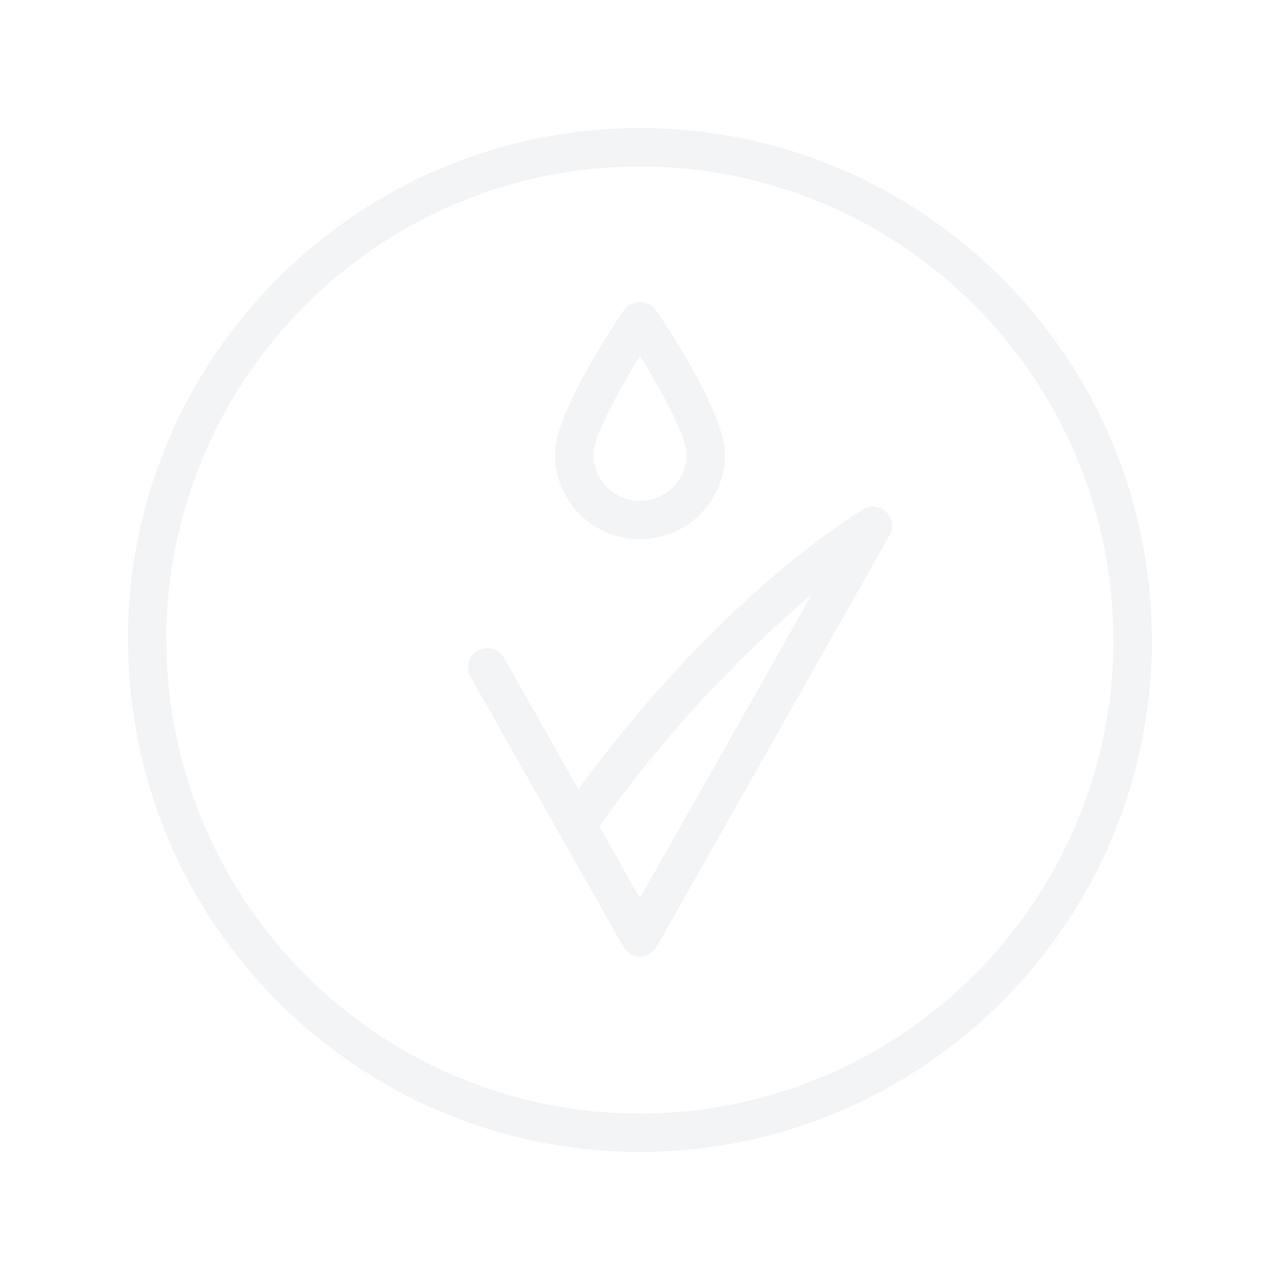 ZADIG & VOLTAIRE Just Rock For Him Eau De Toilette